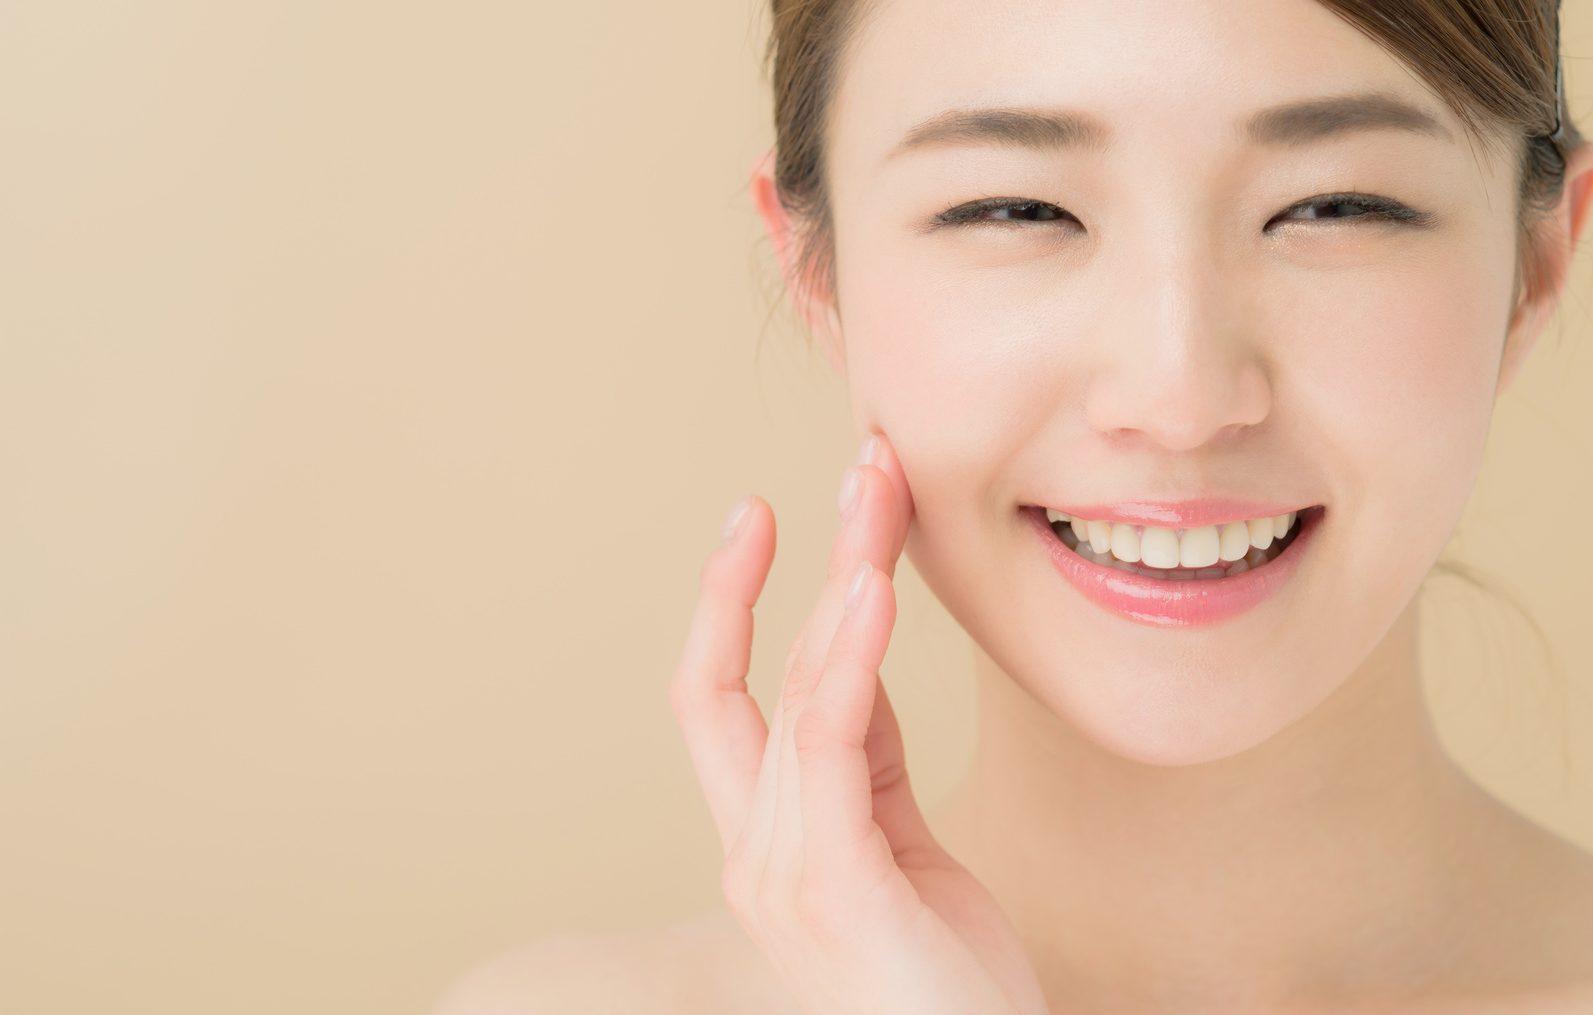 肌のカサカサを治す方法